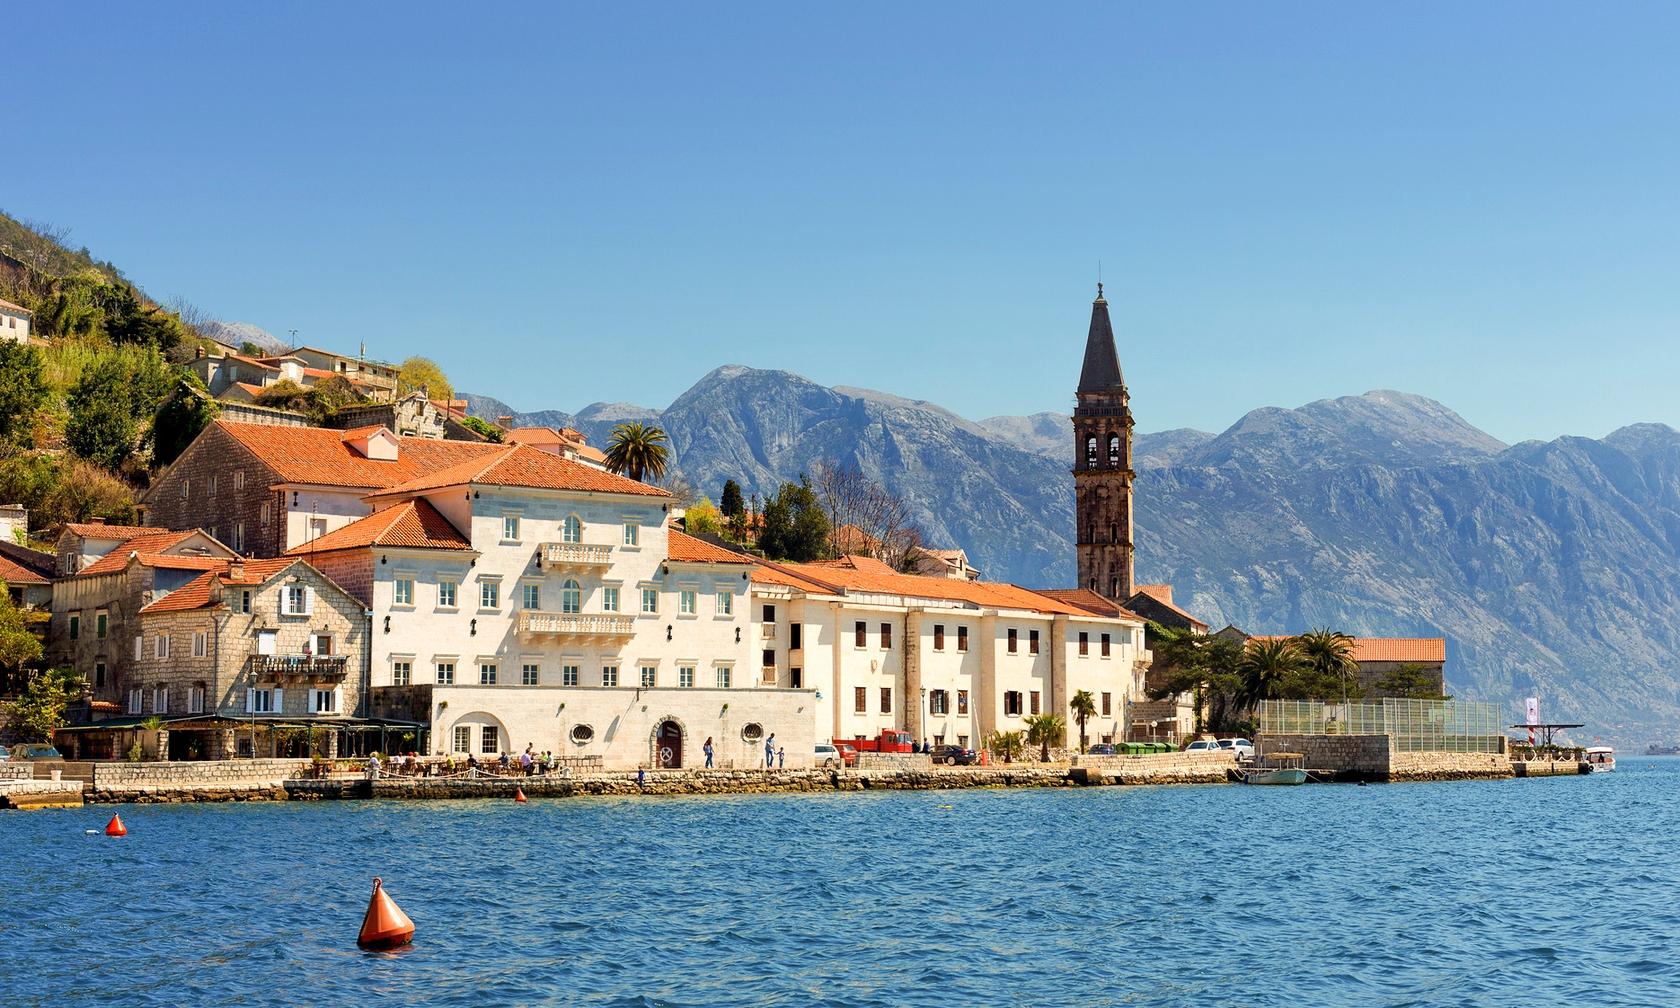 Holiday rentals in Montenegro